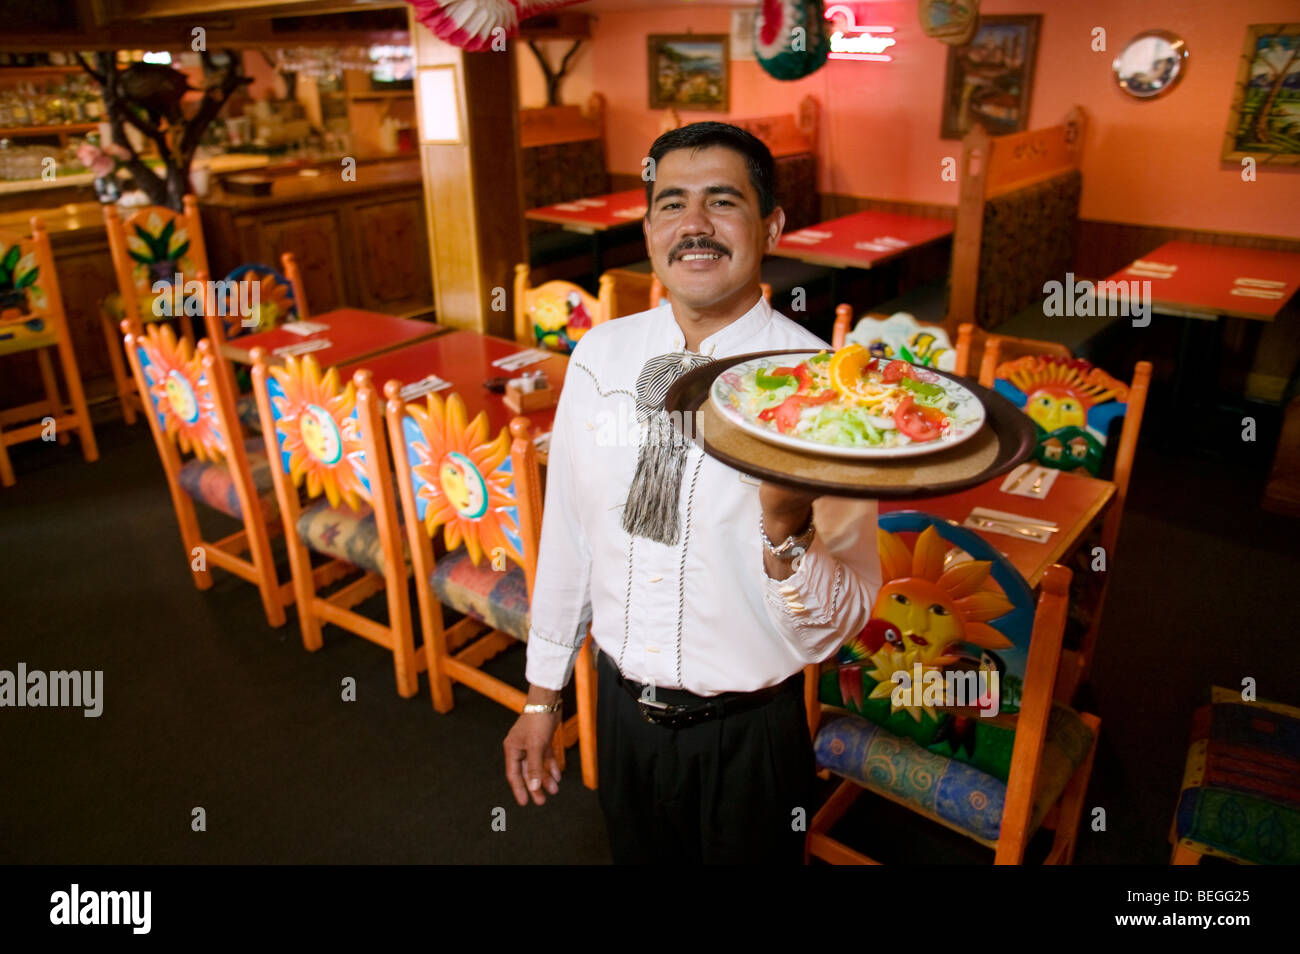 Männliche mexikanische Kellner hielt ein Tablett mit Essen im Fiesta Mexicana Restaurant, Salida, Colorado, Stockbild